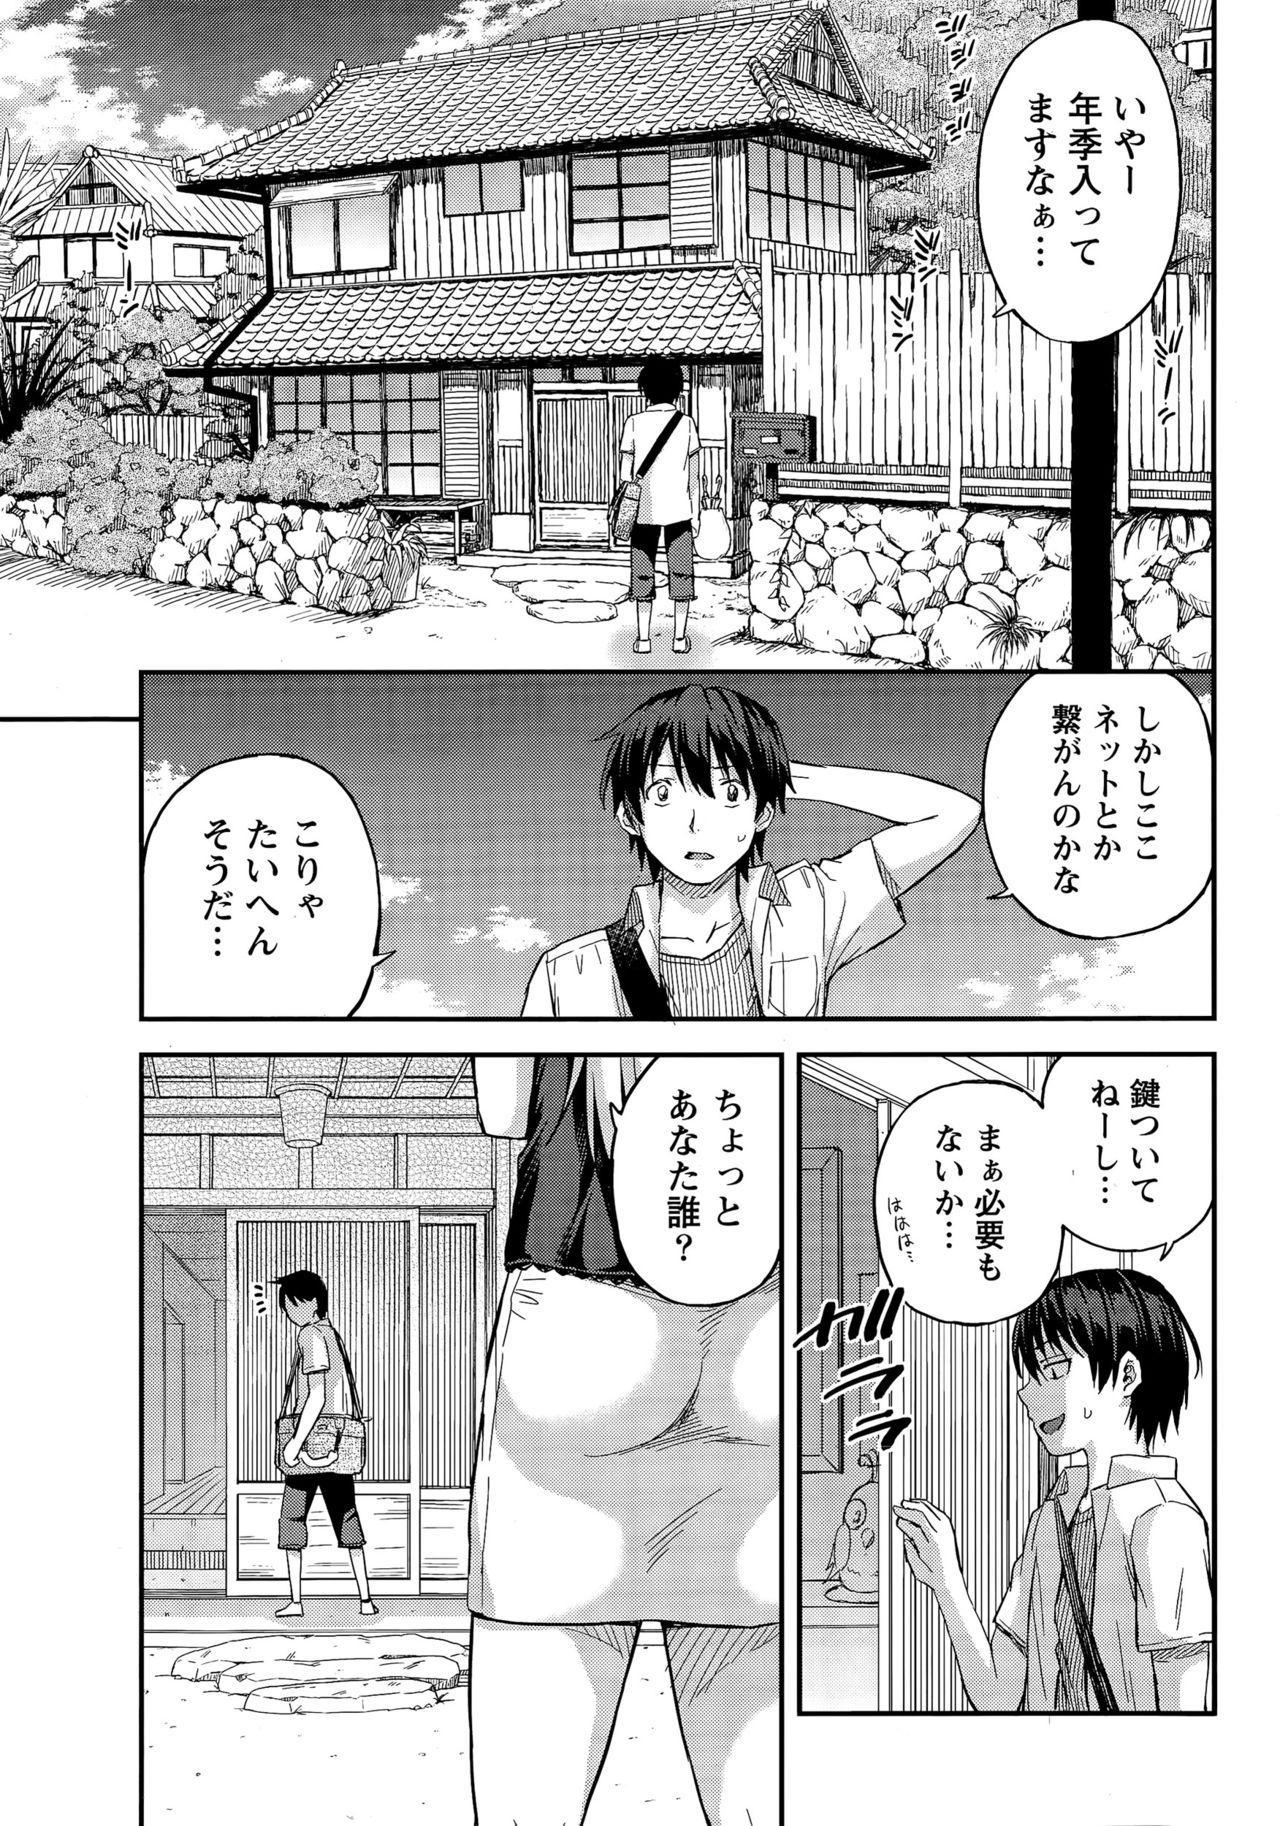 [Higashino Mikan] Atsumujima no Megumi-sama - Goddess of Atsumu-Island 10